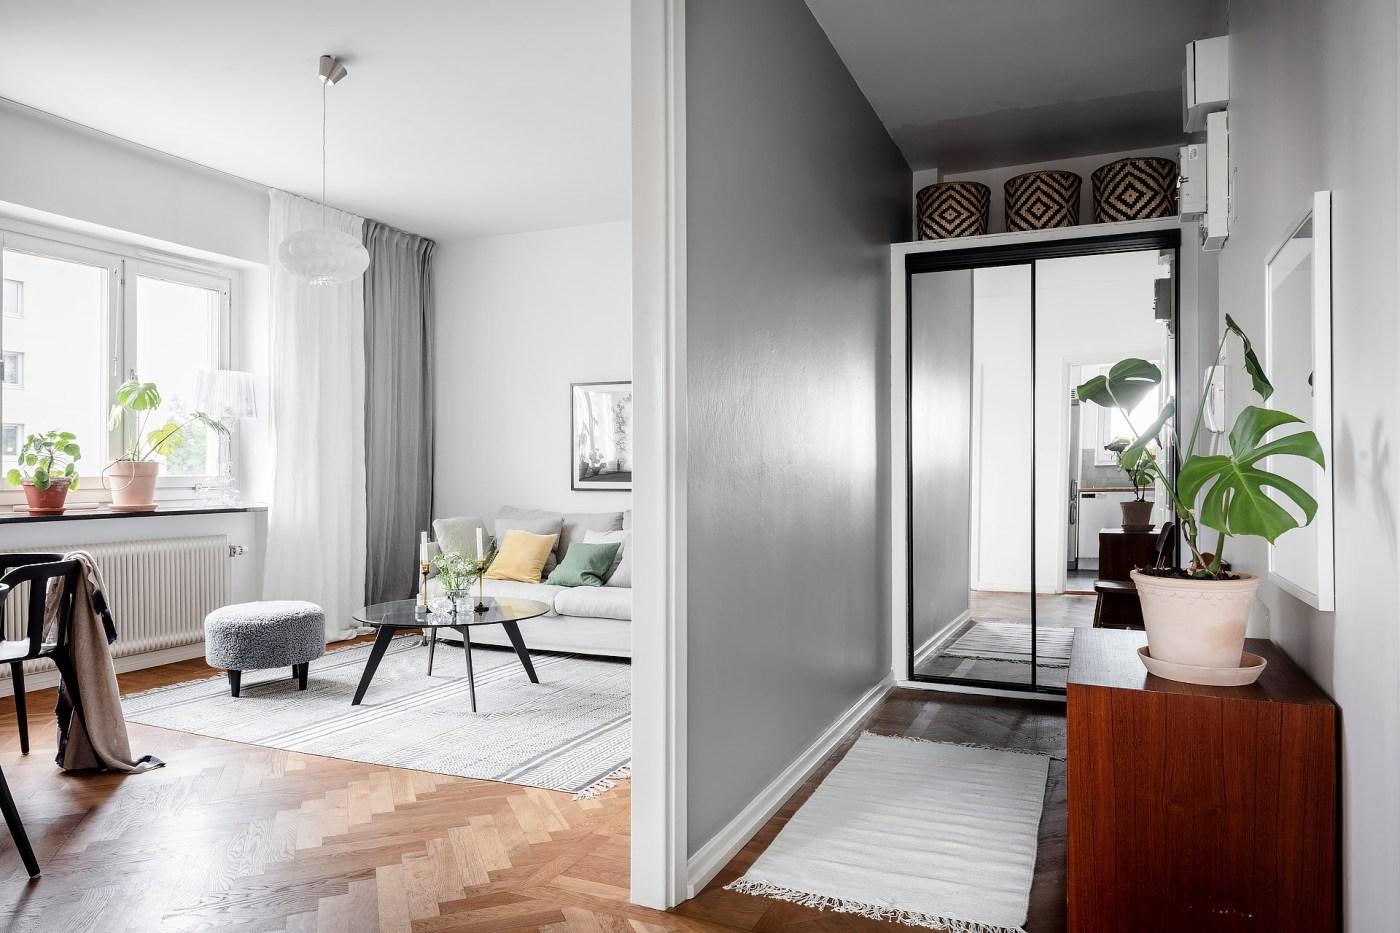 5 tiny yet beautiful room ideas 01